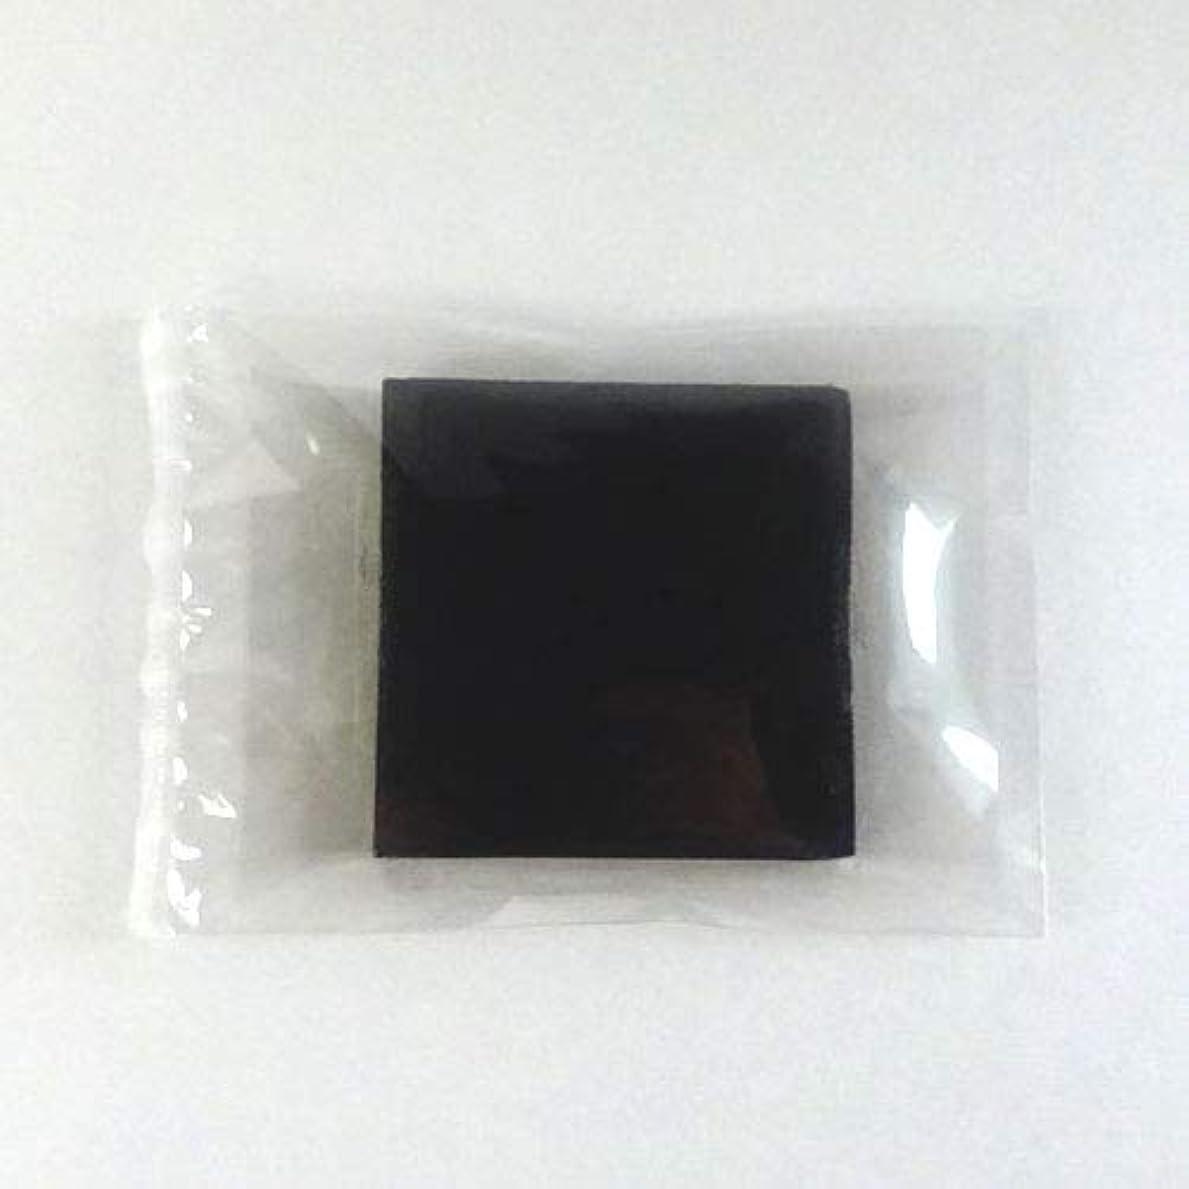 見て静的ただグリセリンソープ MPソープ 色チップ 黒(ブラック) 120g(30g x 4pc)